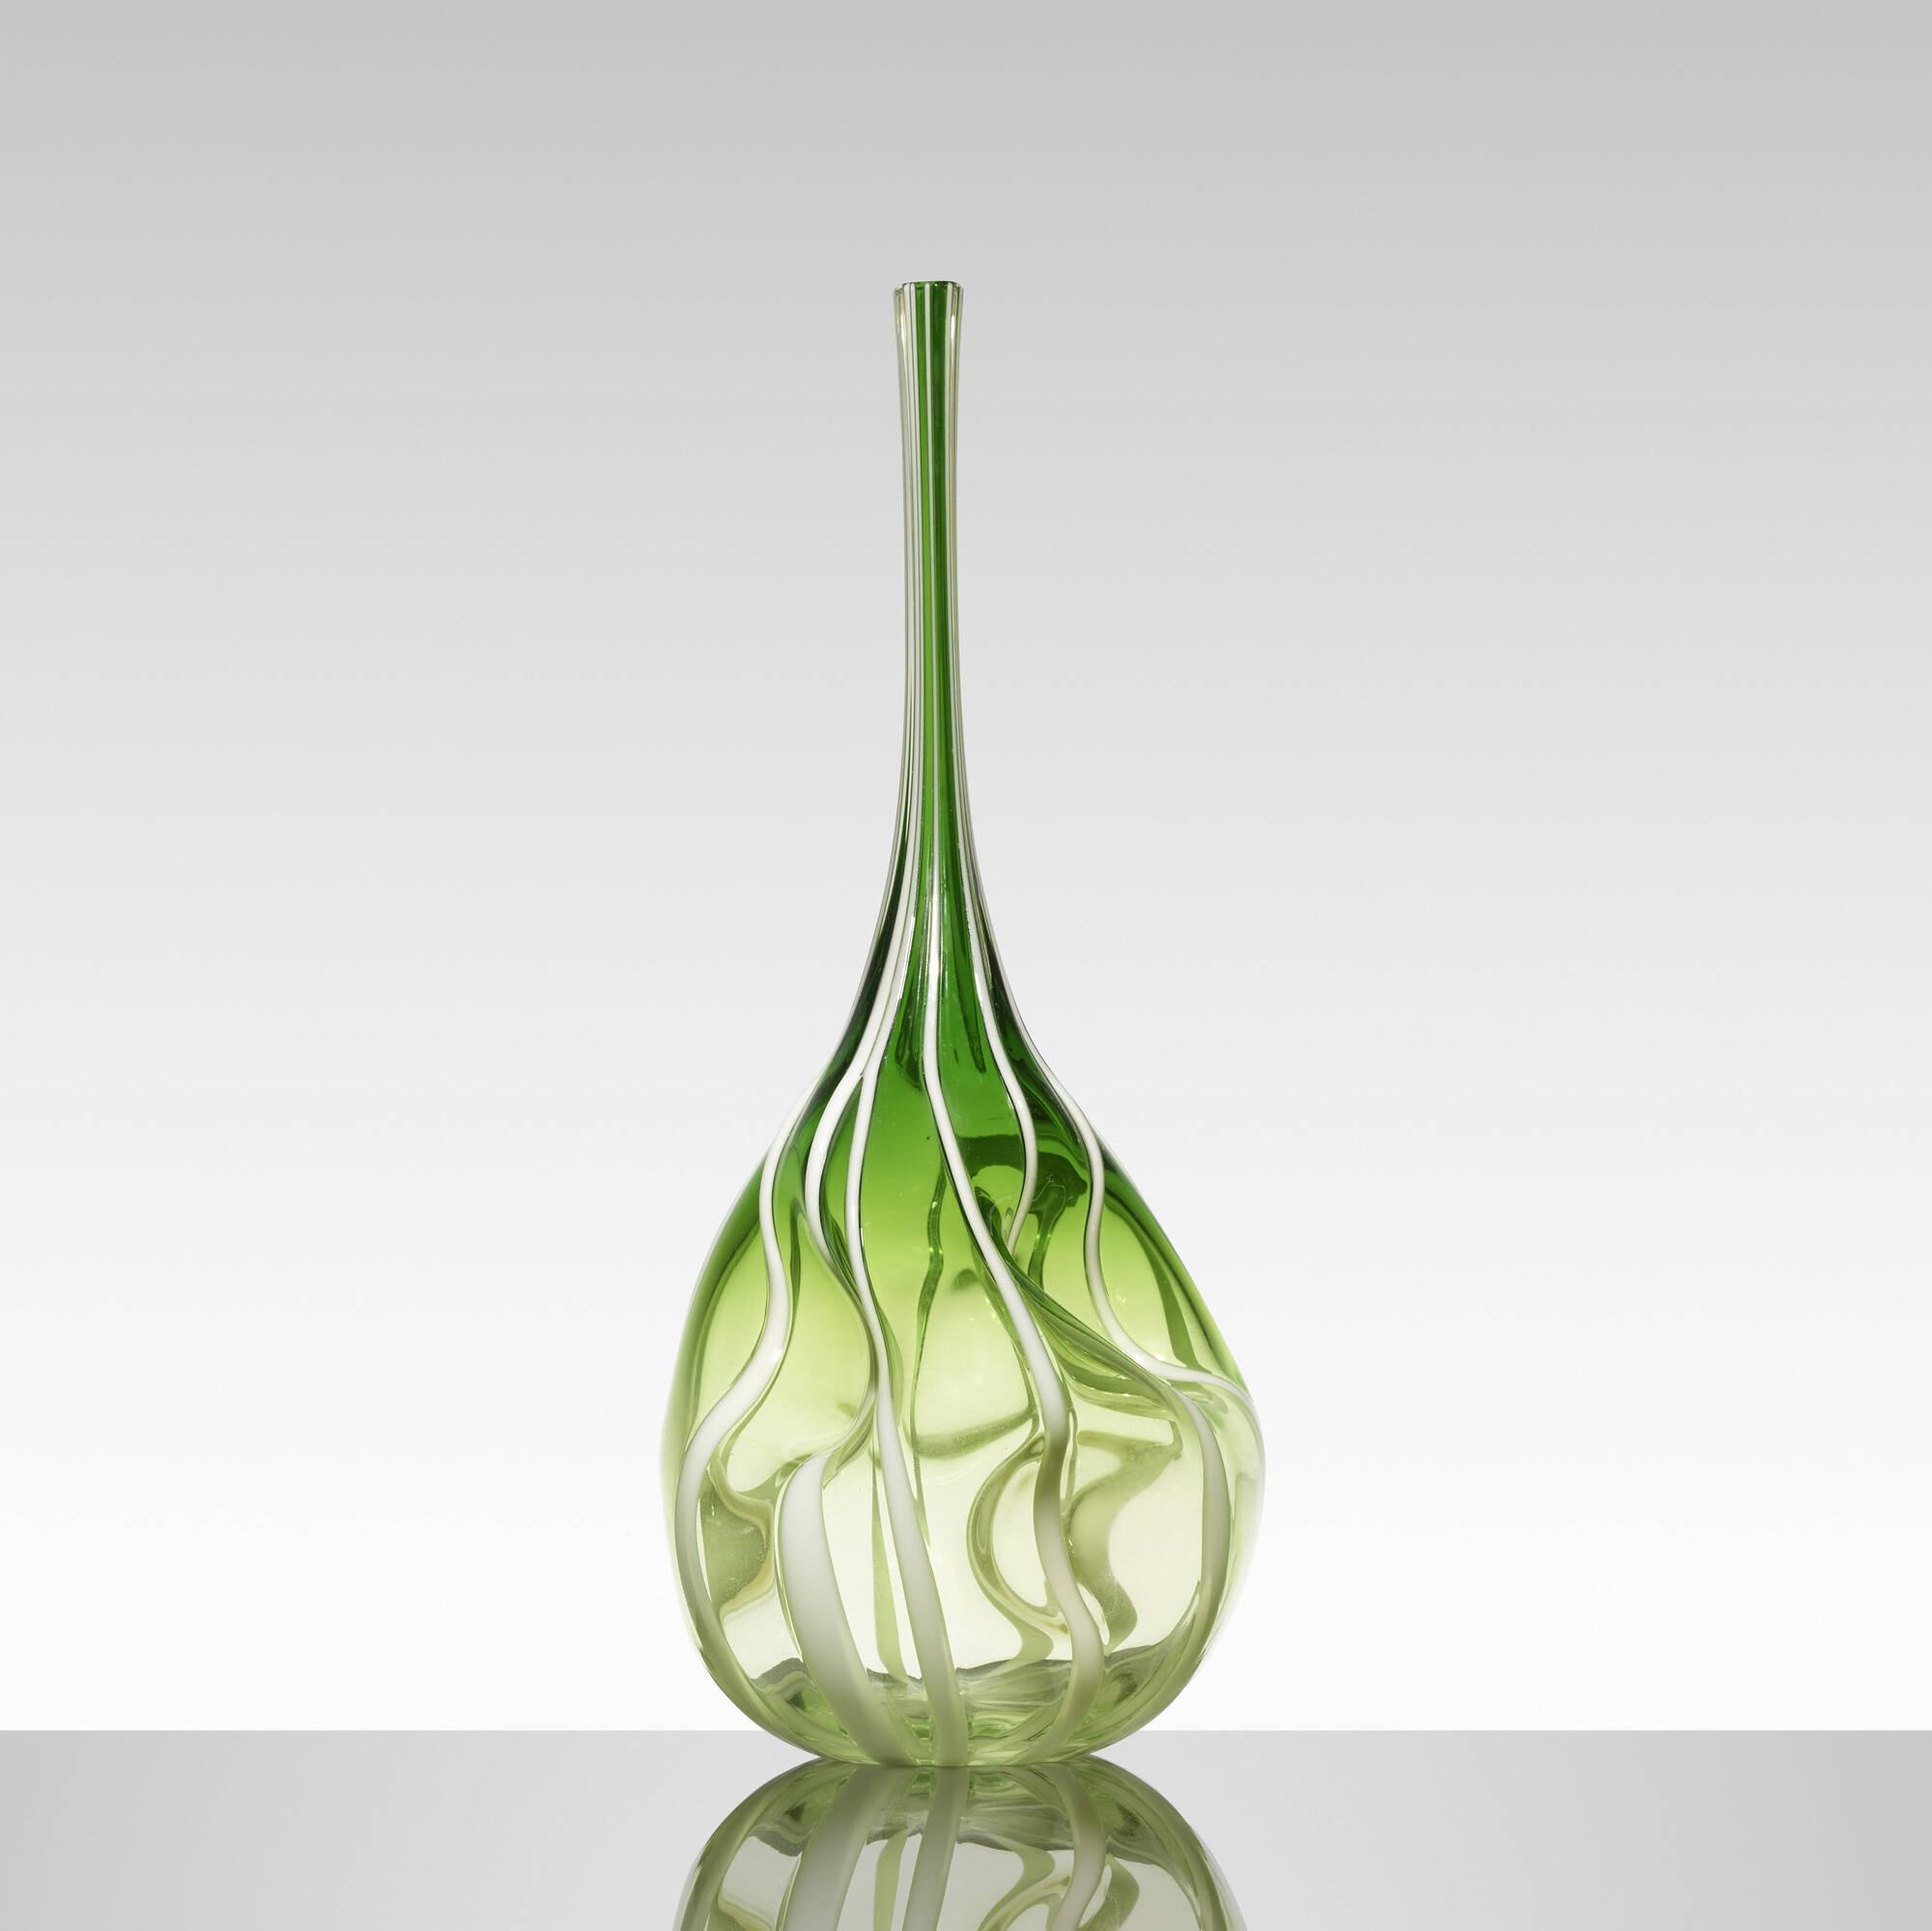 189: Anzolo Fuga / sculptural vase (1 of 3)